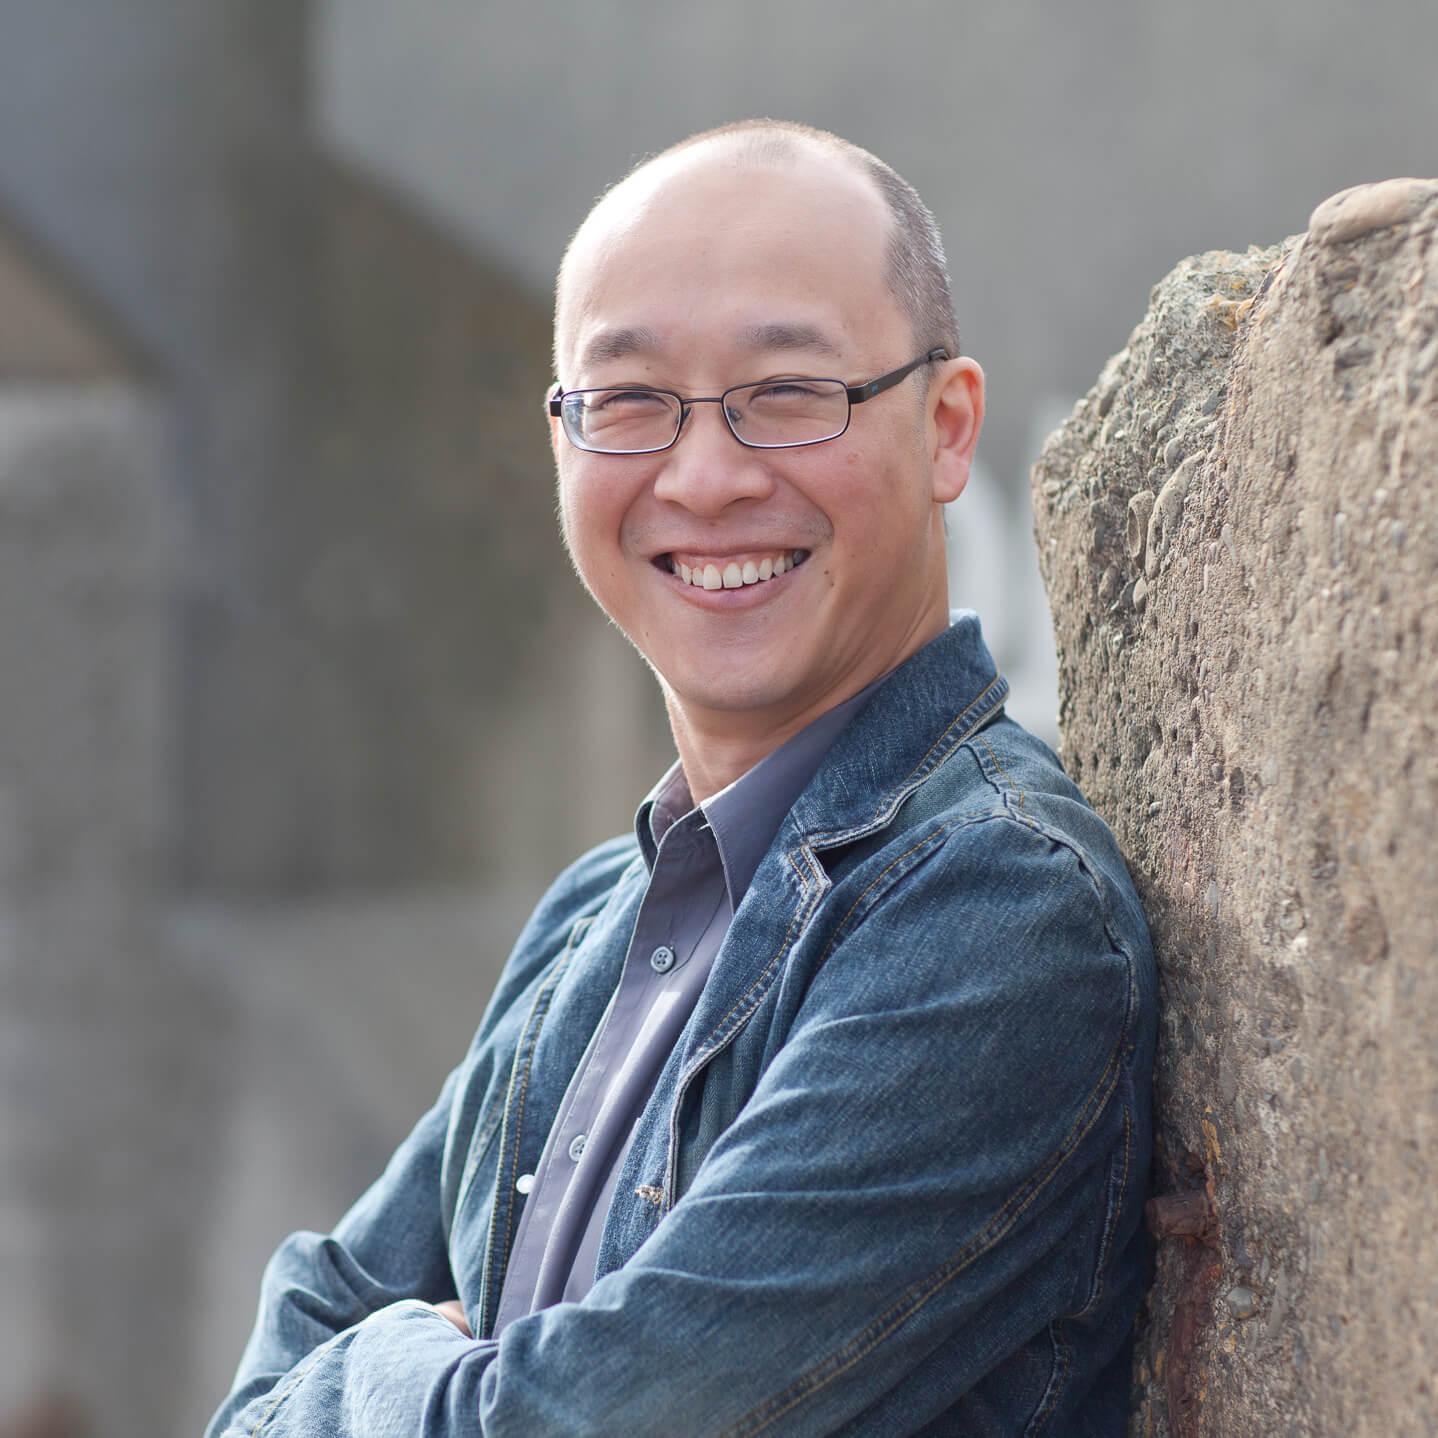 Keane Chan